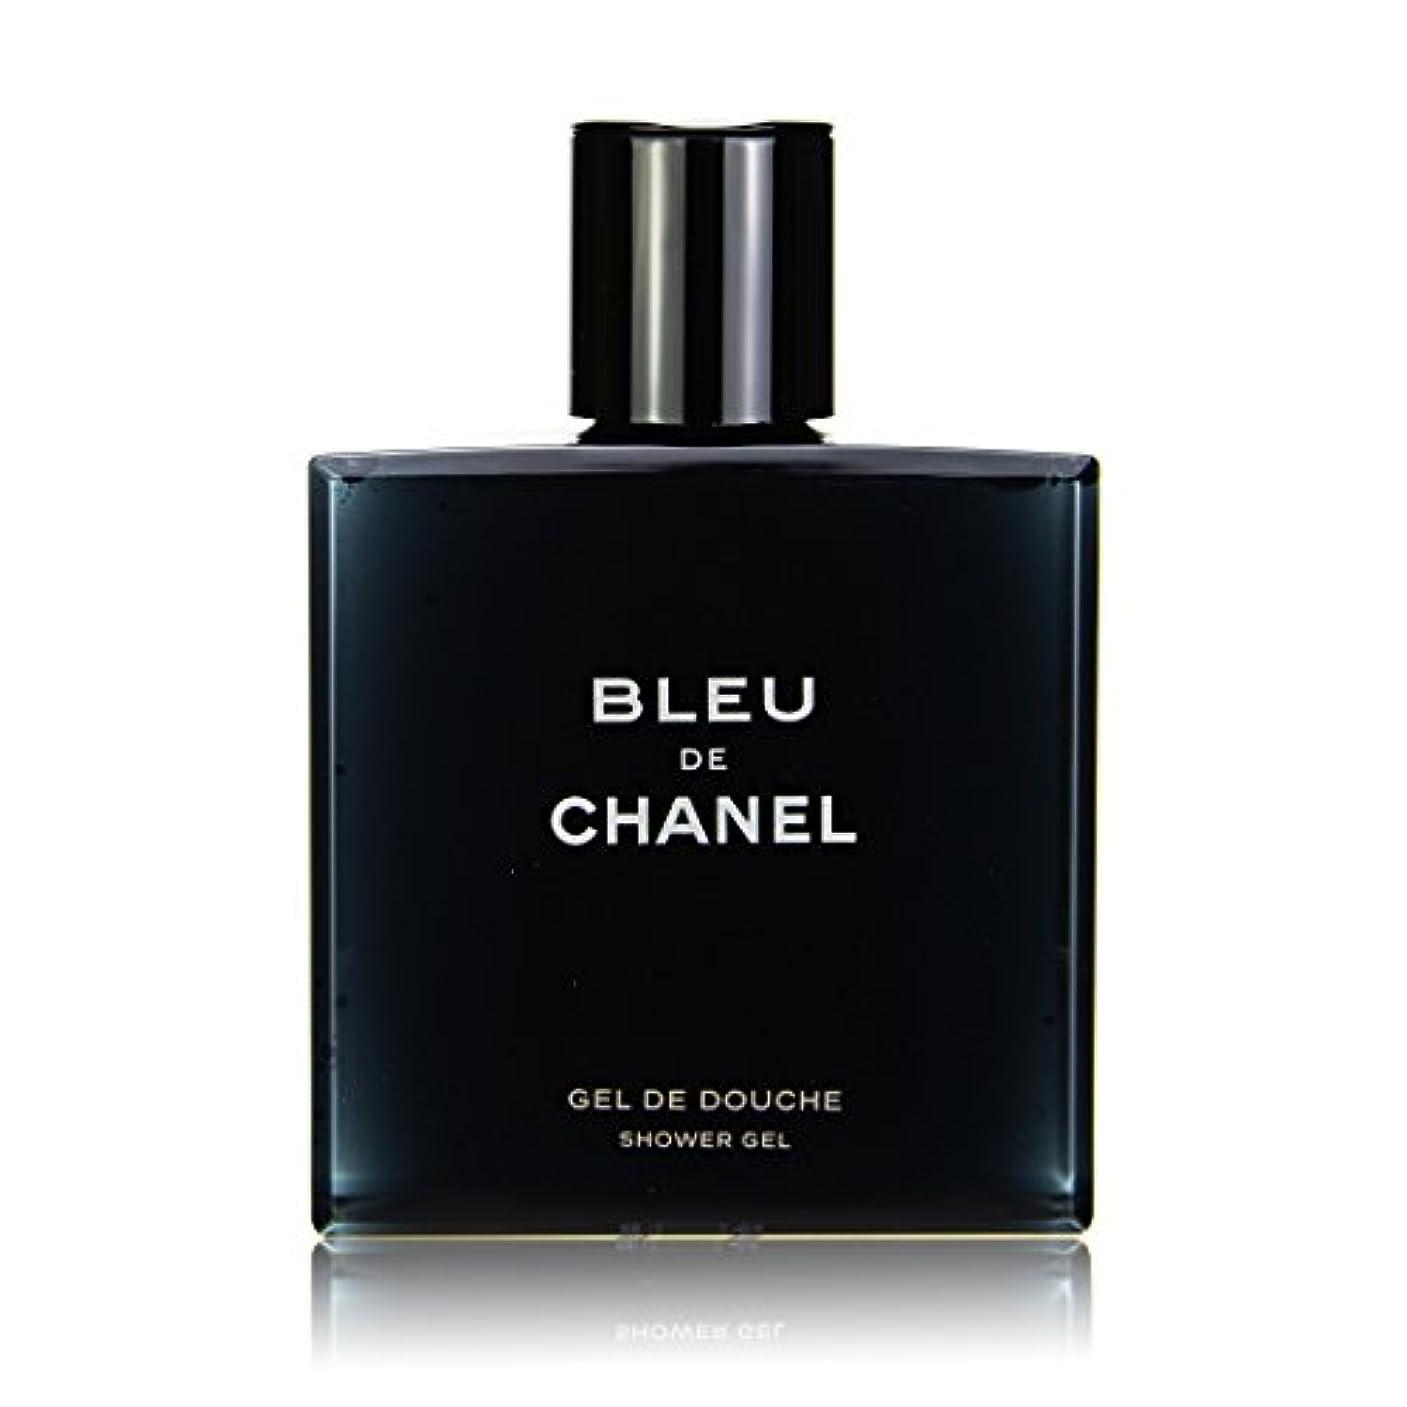 四アコード否認するシャネル CHANEL ブルー ドゥ シャネル ボディウォッシュ 〔シャワージェル〕 200ml fs 【並行輸入品】